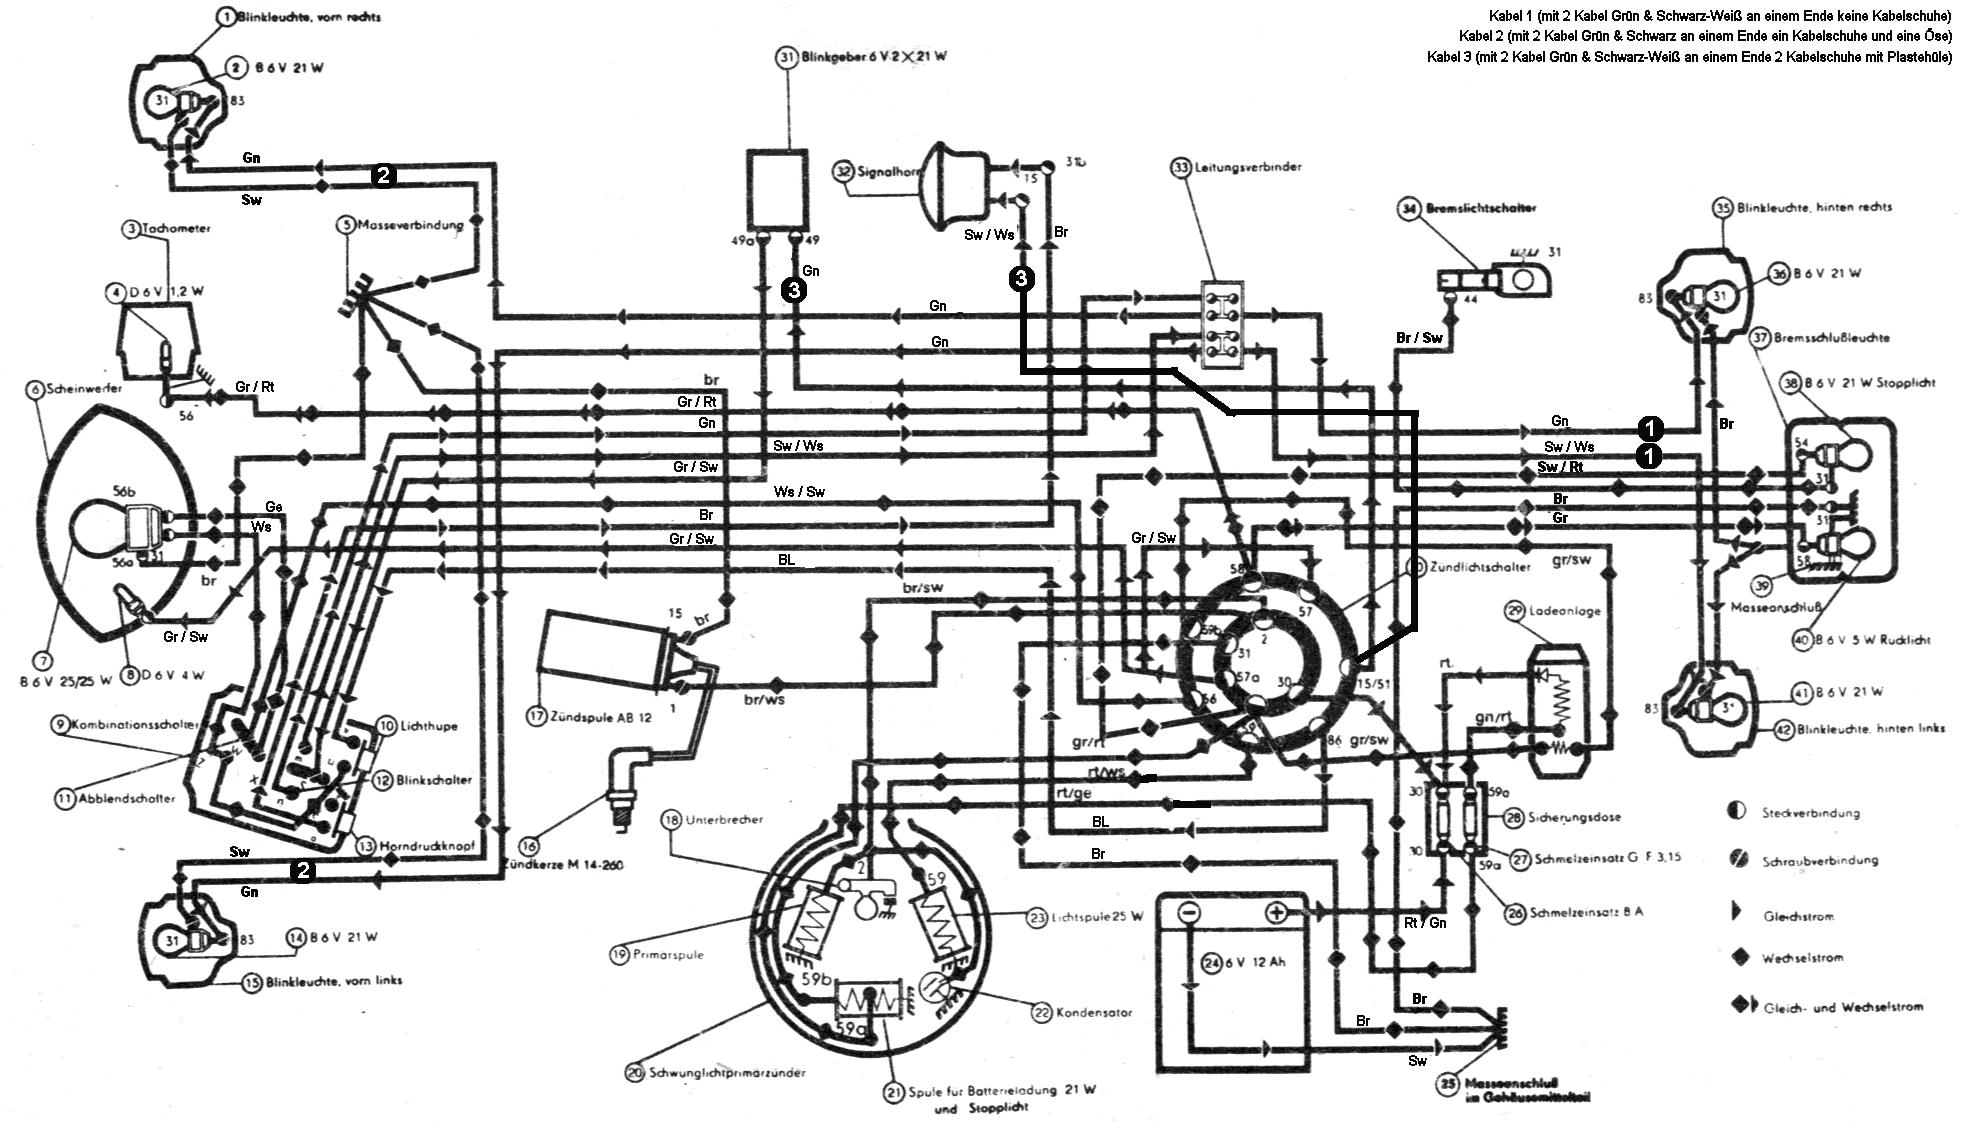 Ziemlich Ford Modell Ein Schaltplan 6v Ideen - Der Schaltplan ...